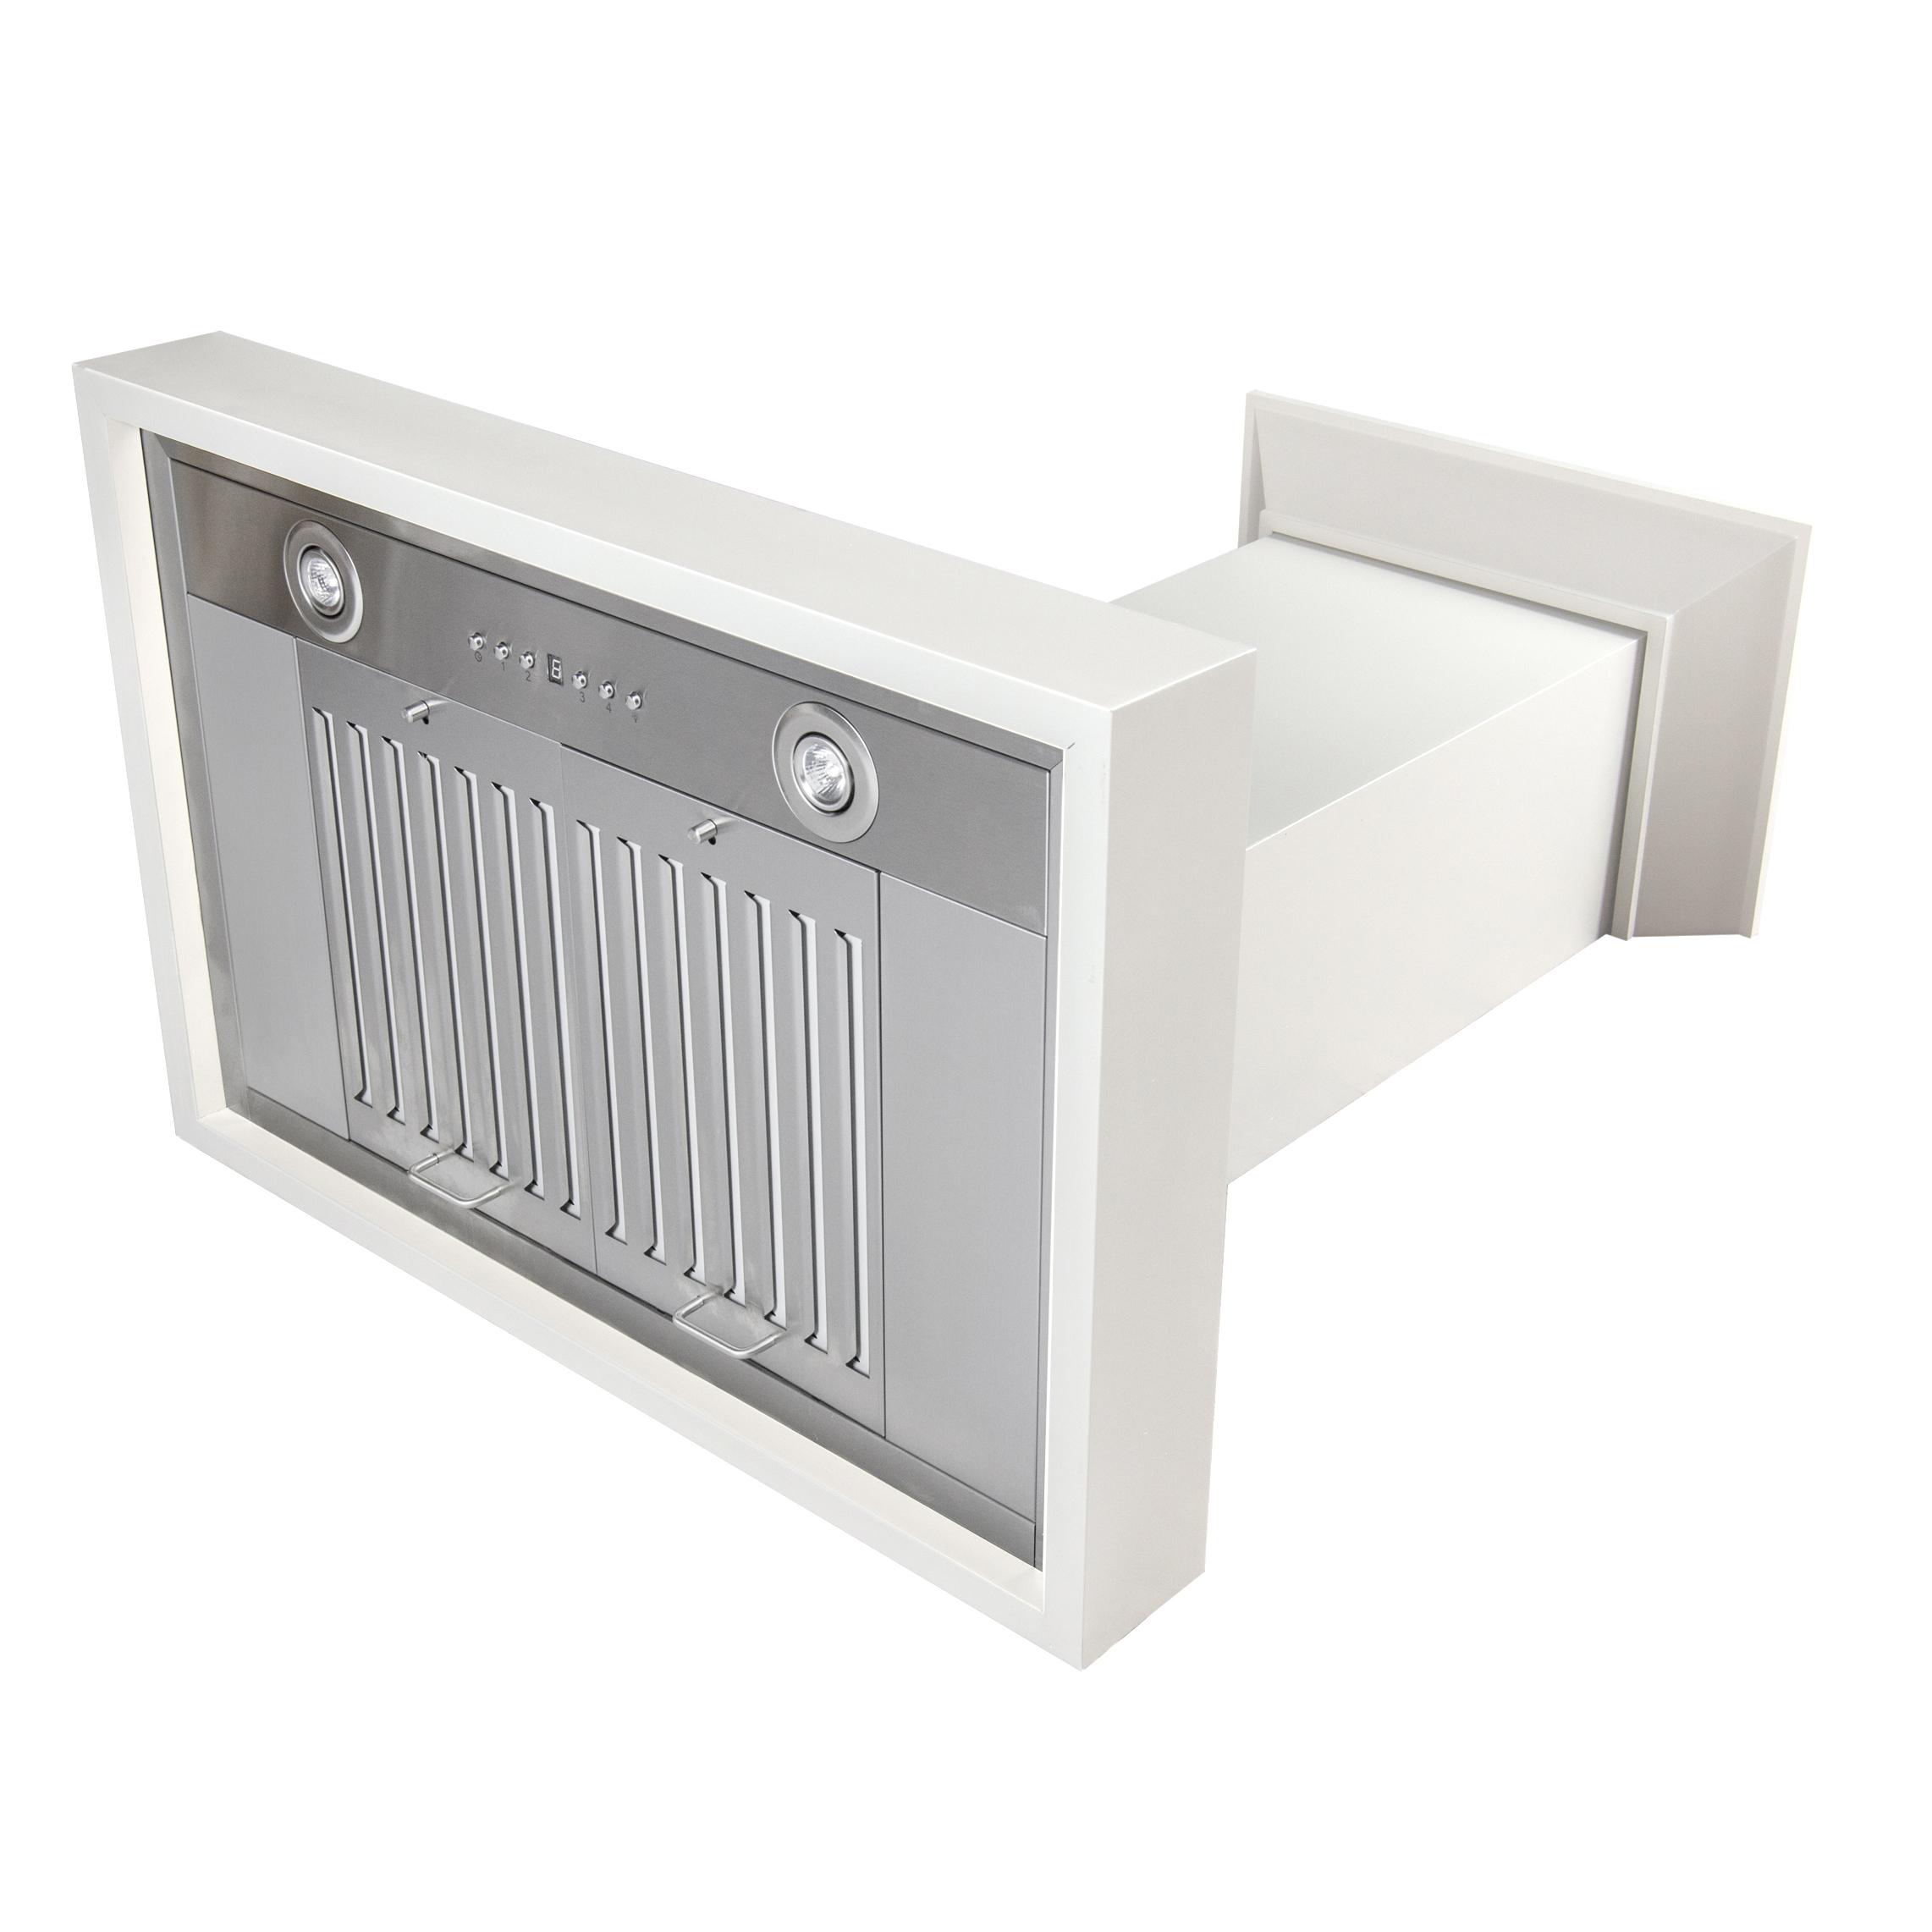 zline-designer-wood-range-hood-KBTT-side-under.jpg